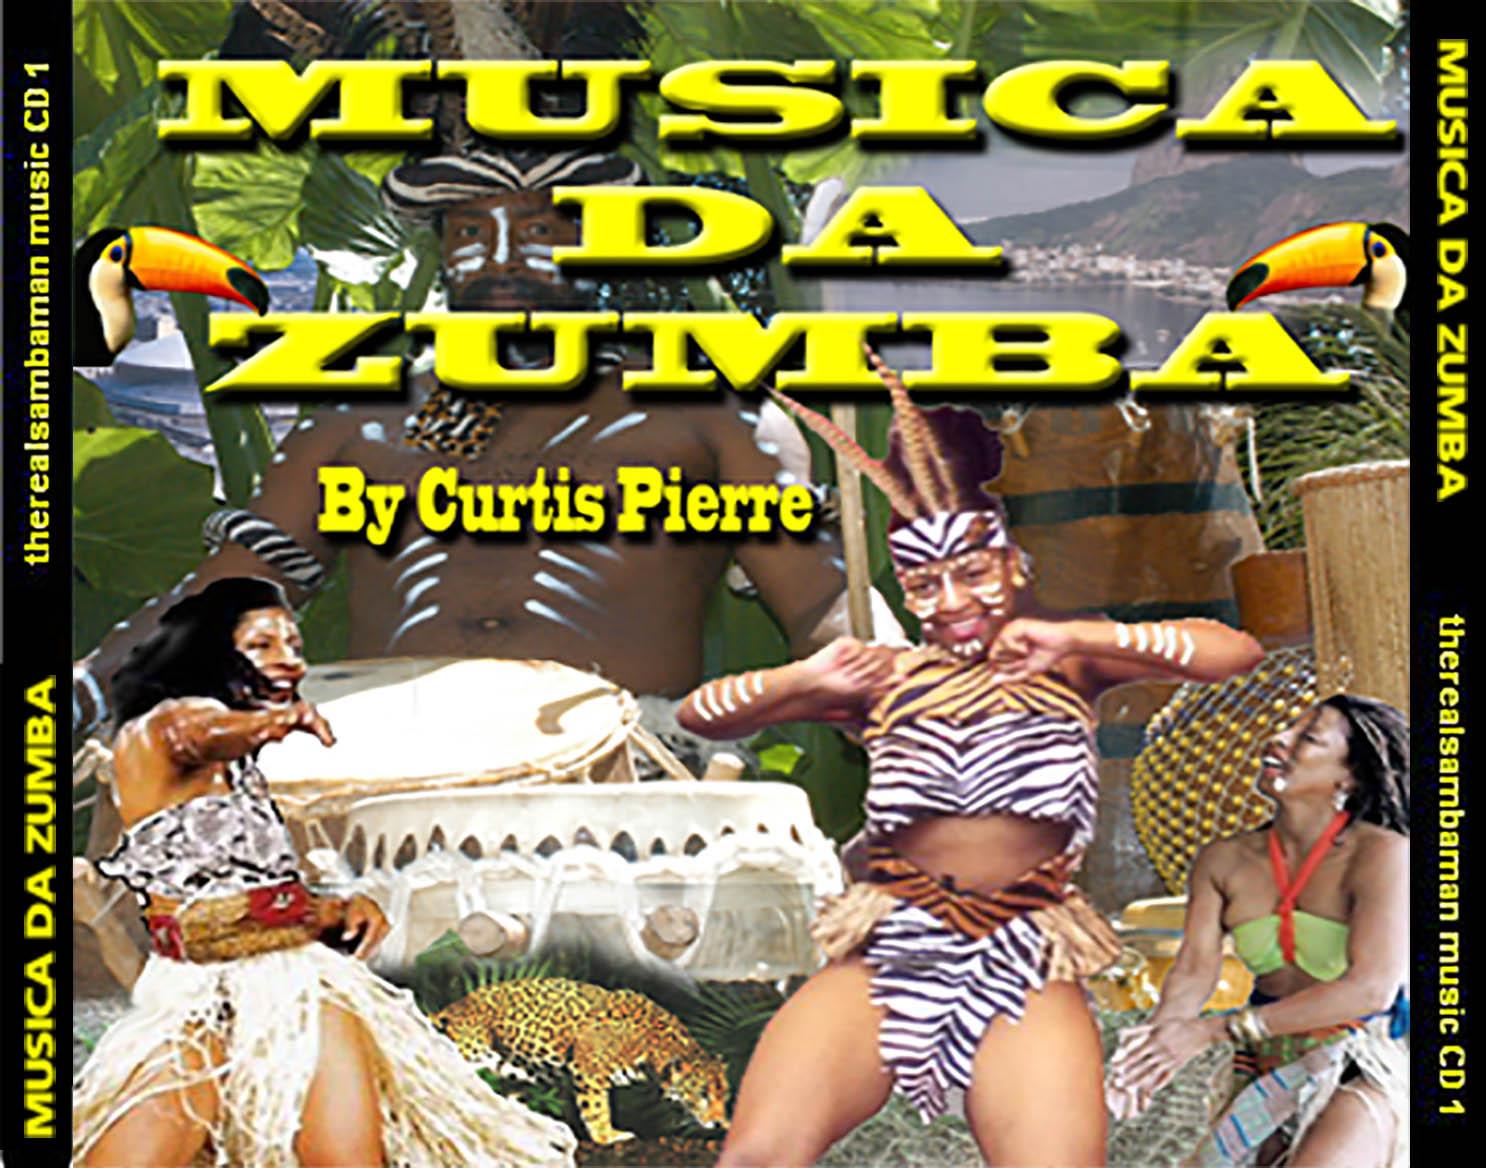 9-Zumba-Pra-Ca